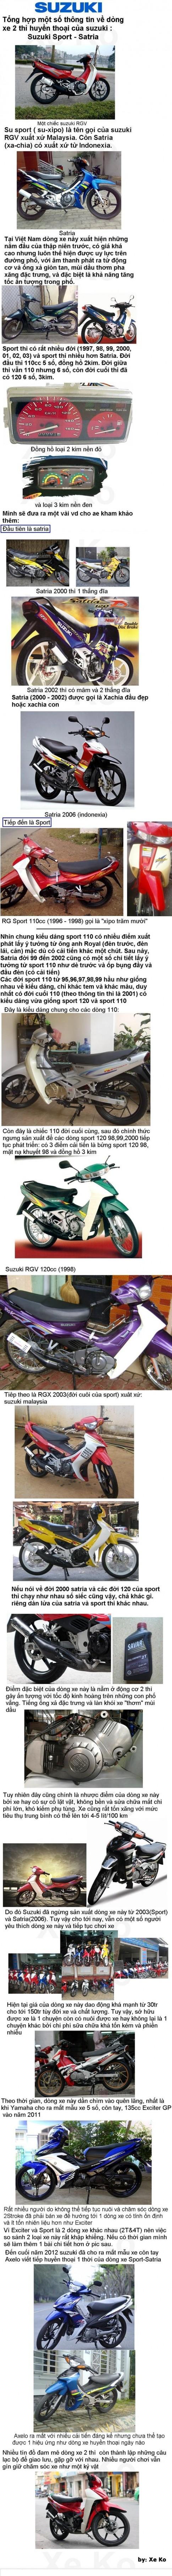 Tổng hợp một số thông tin các dòng xe 2 thì của Suzuki